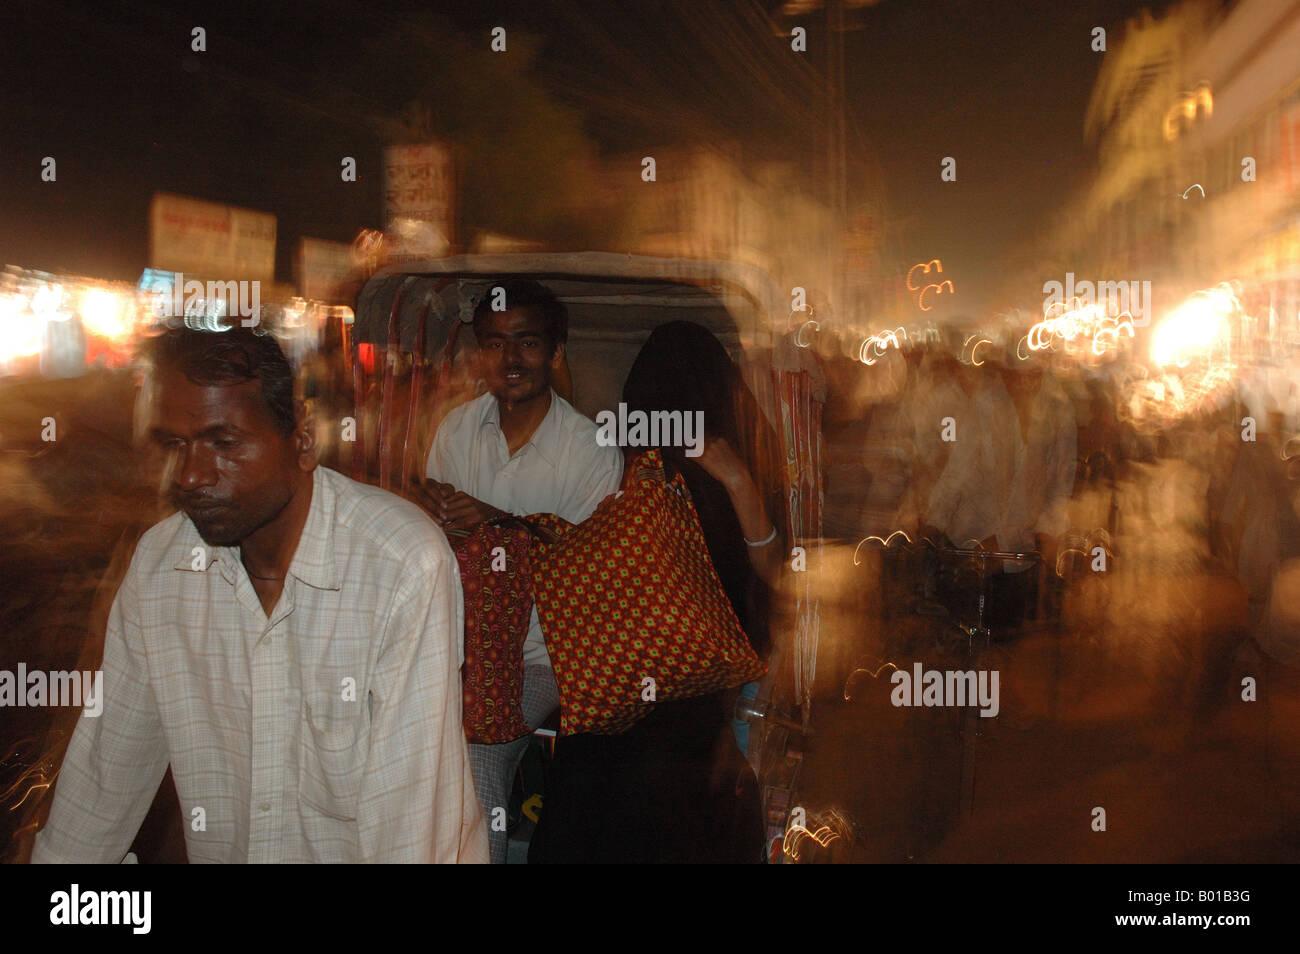 Indian rickshaw rider with passenger at night, Varansi Stock Photo